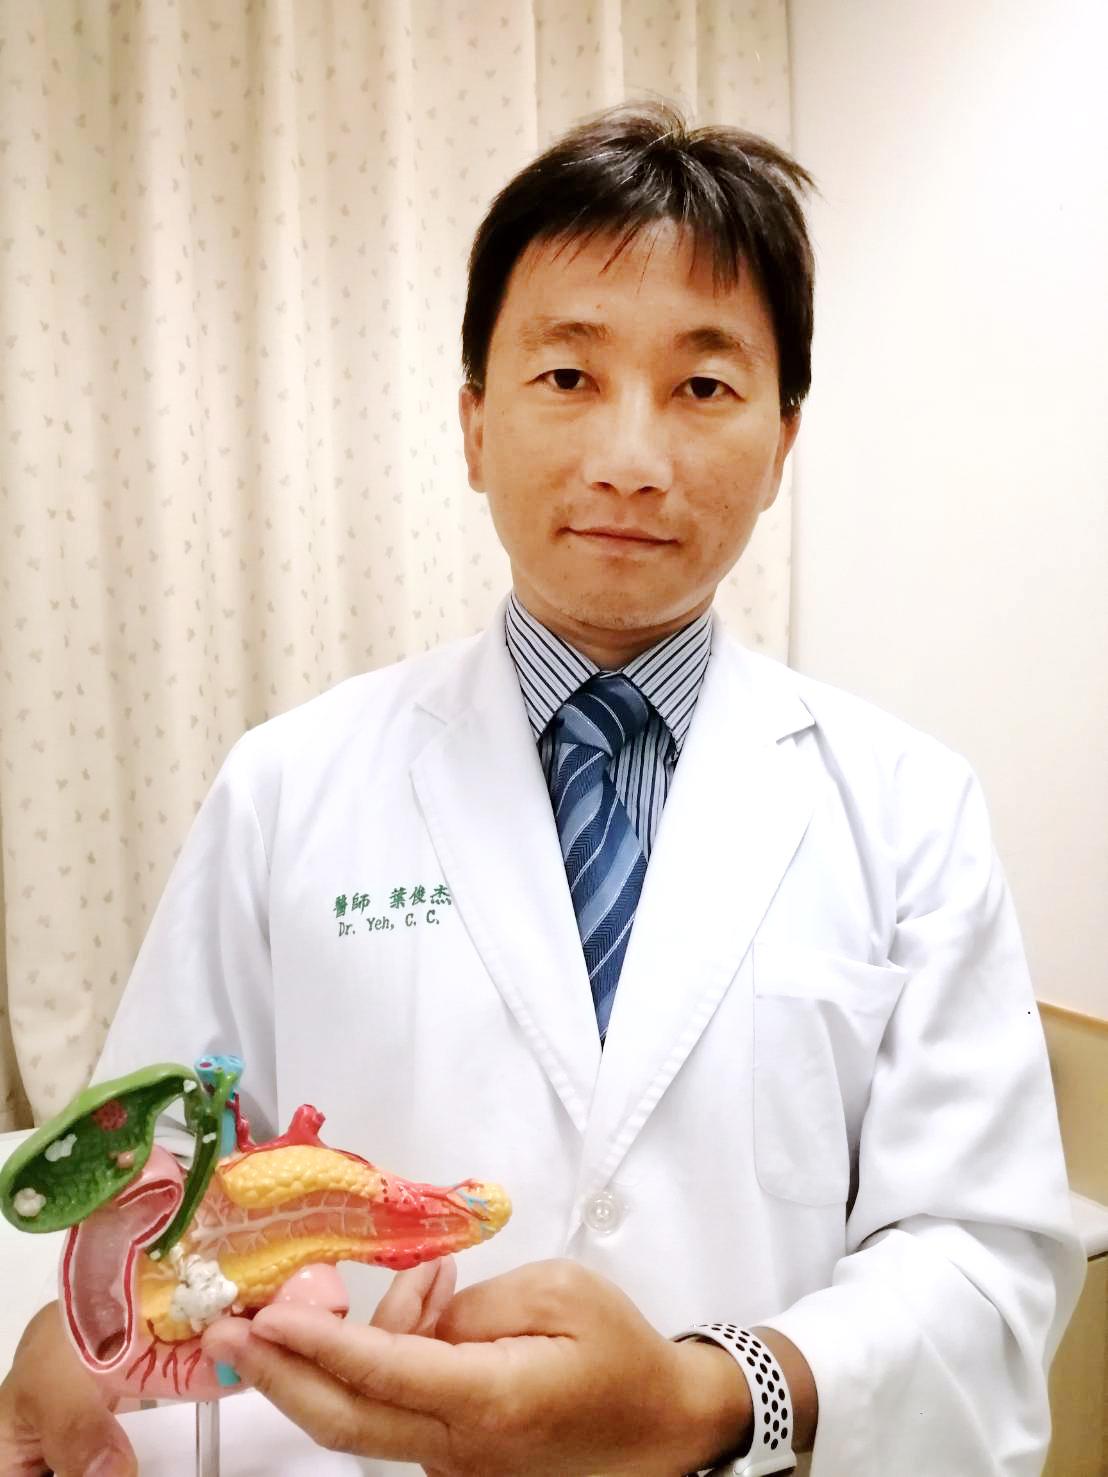 一般外科葉俊杰醫師介紹胰頭減壓及胰管繞道的手術方式